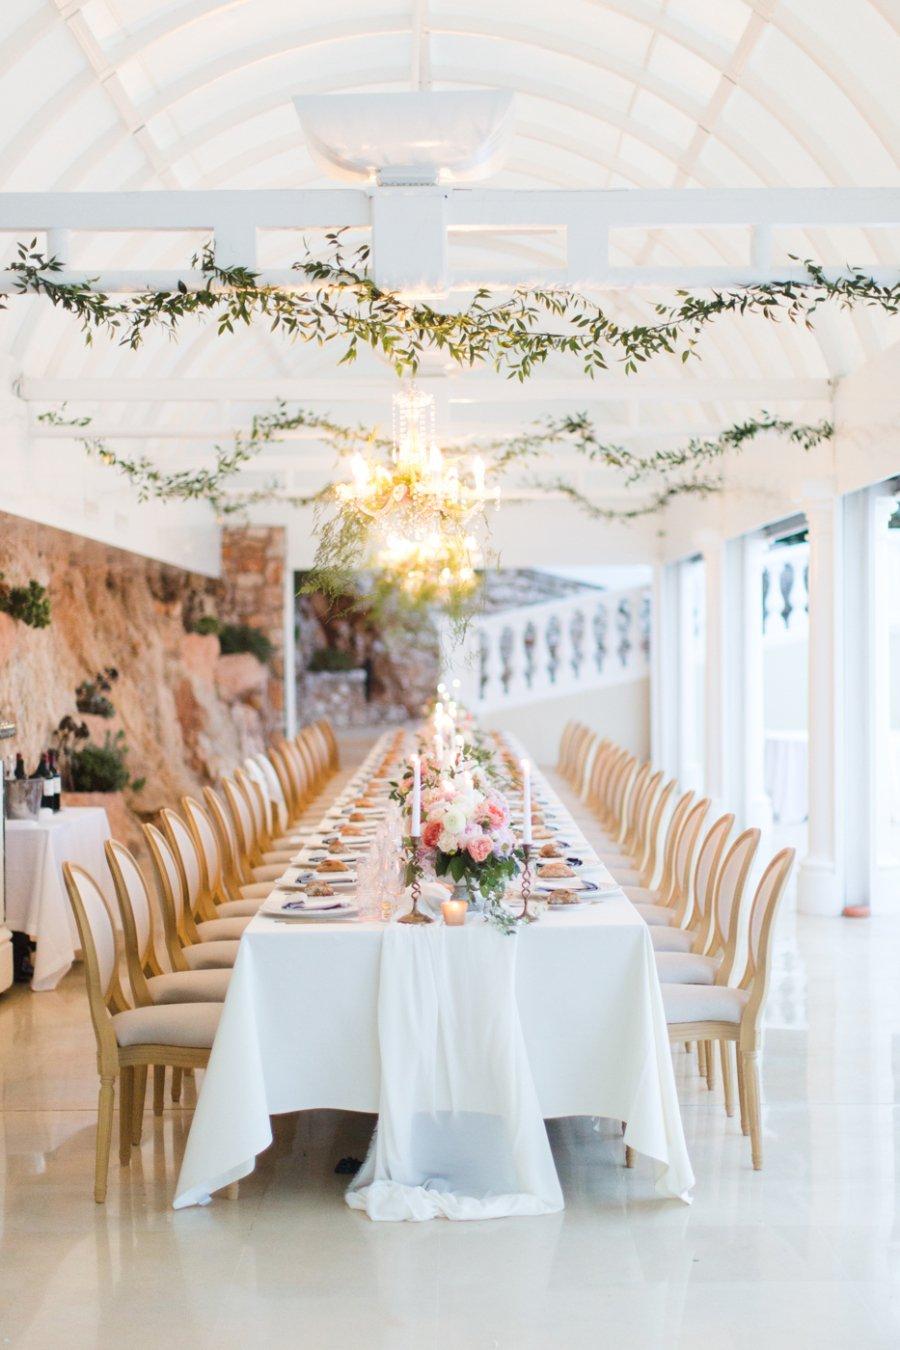 Hochzeitsdeko für Tische und Location - mit Liebe zum Detail